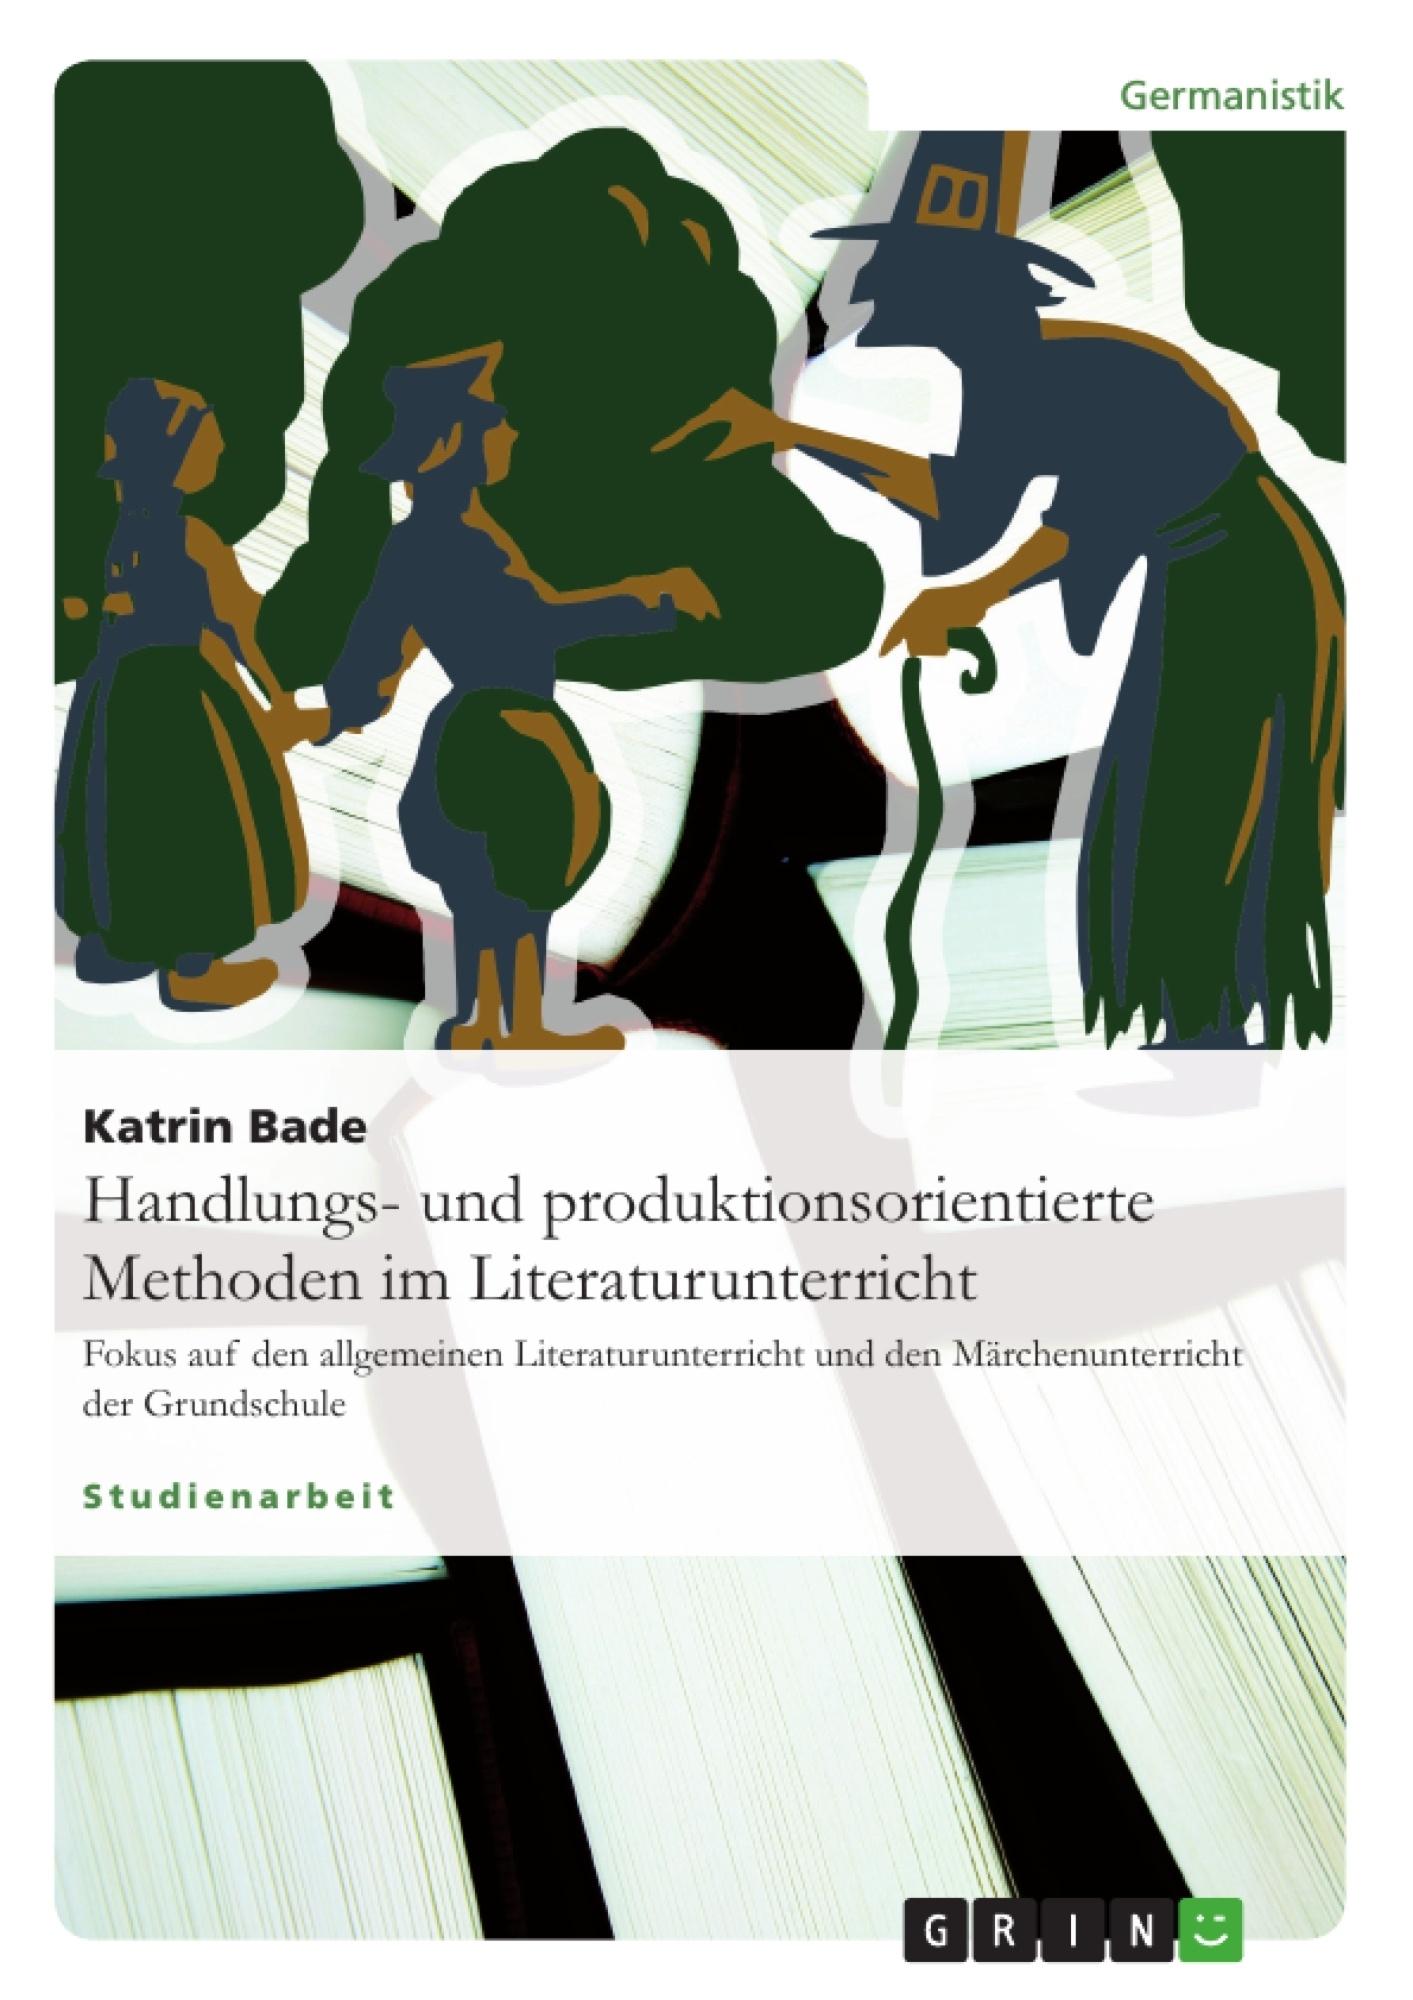 Titel: Handlungs- und produktionsorientierte Methoden im Literaturunterricht